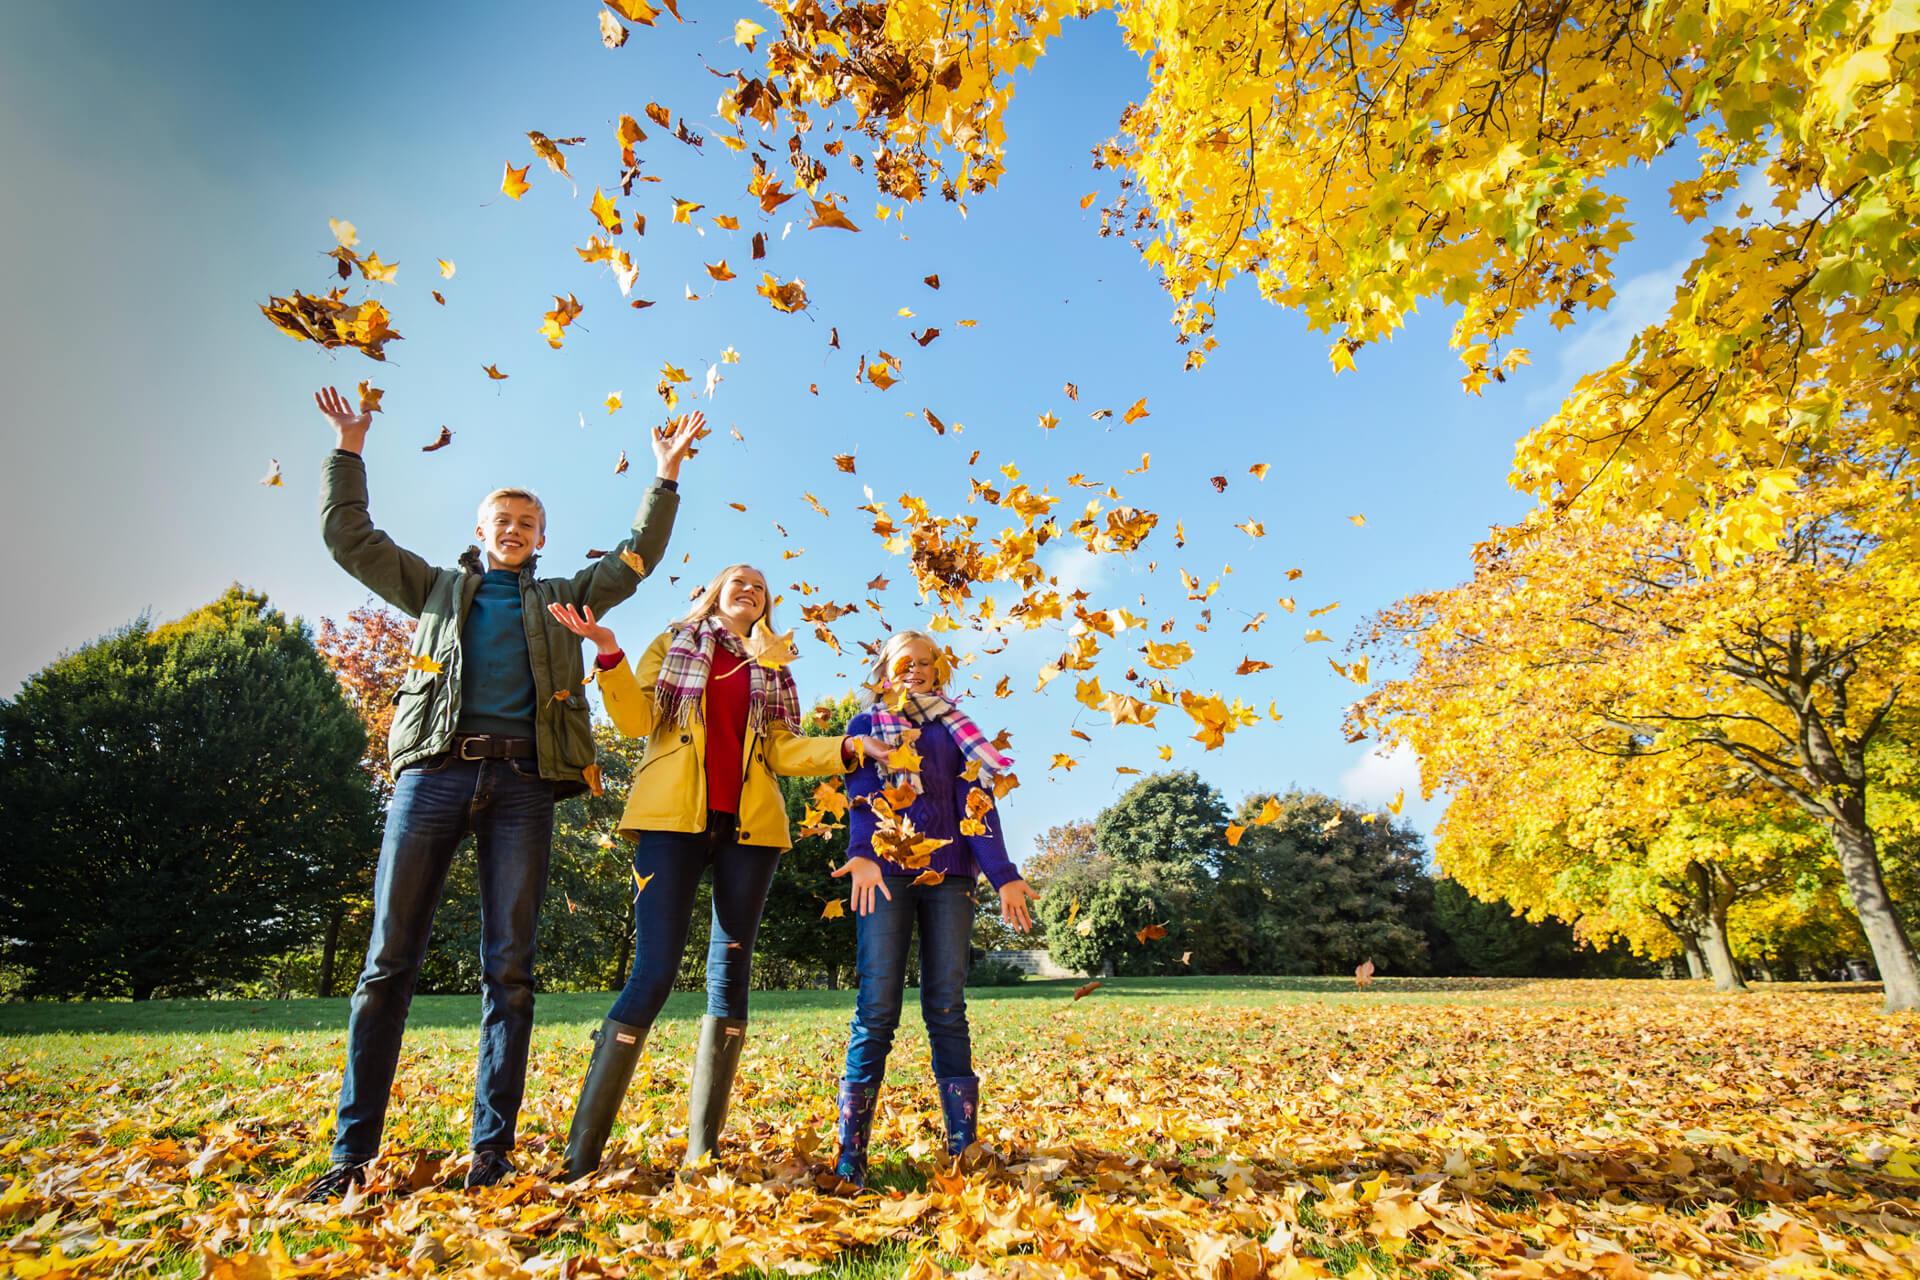 siblings throwing lots of autumn leaves in the air